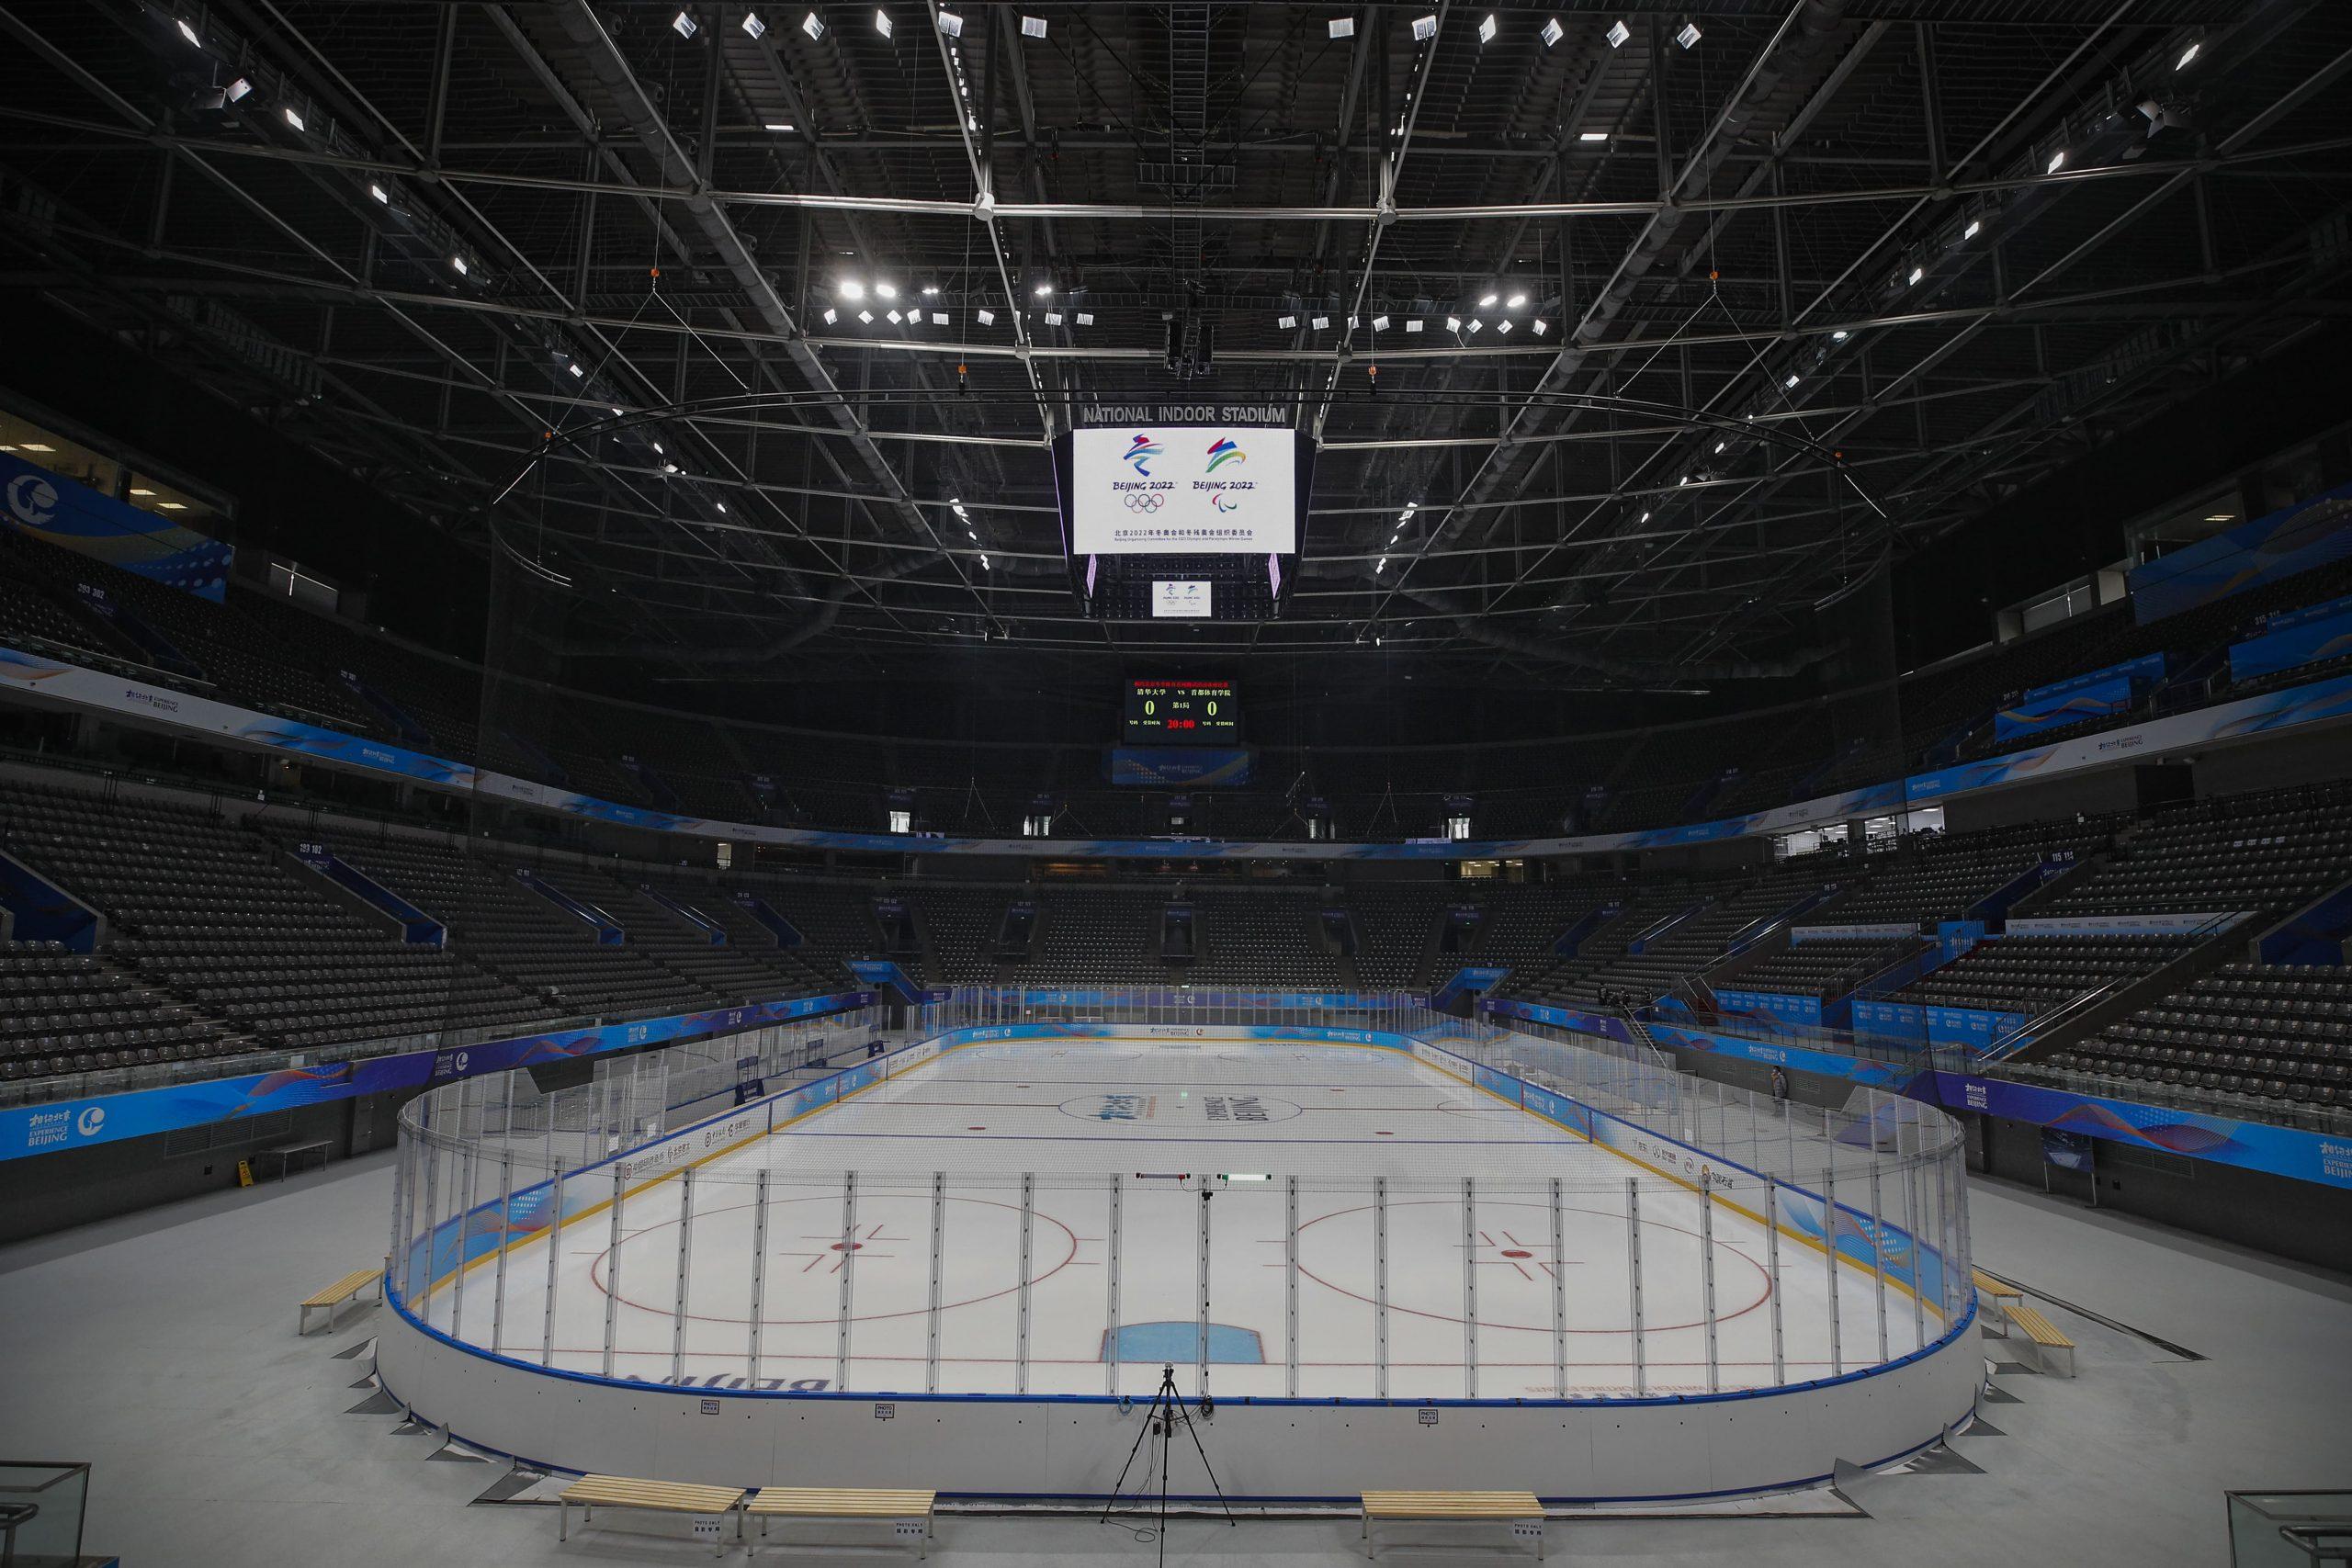 Ķīnas hokeja izlase olimpiskajās spēlēs – kļūda un briestošās sagrāves